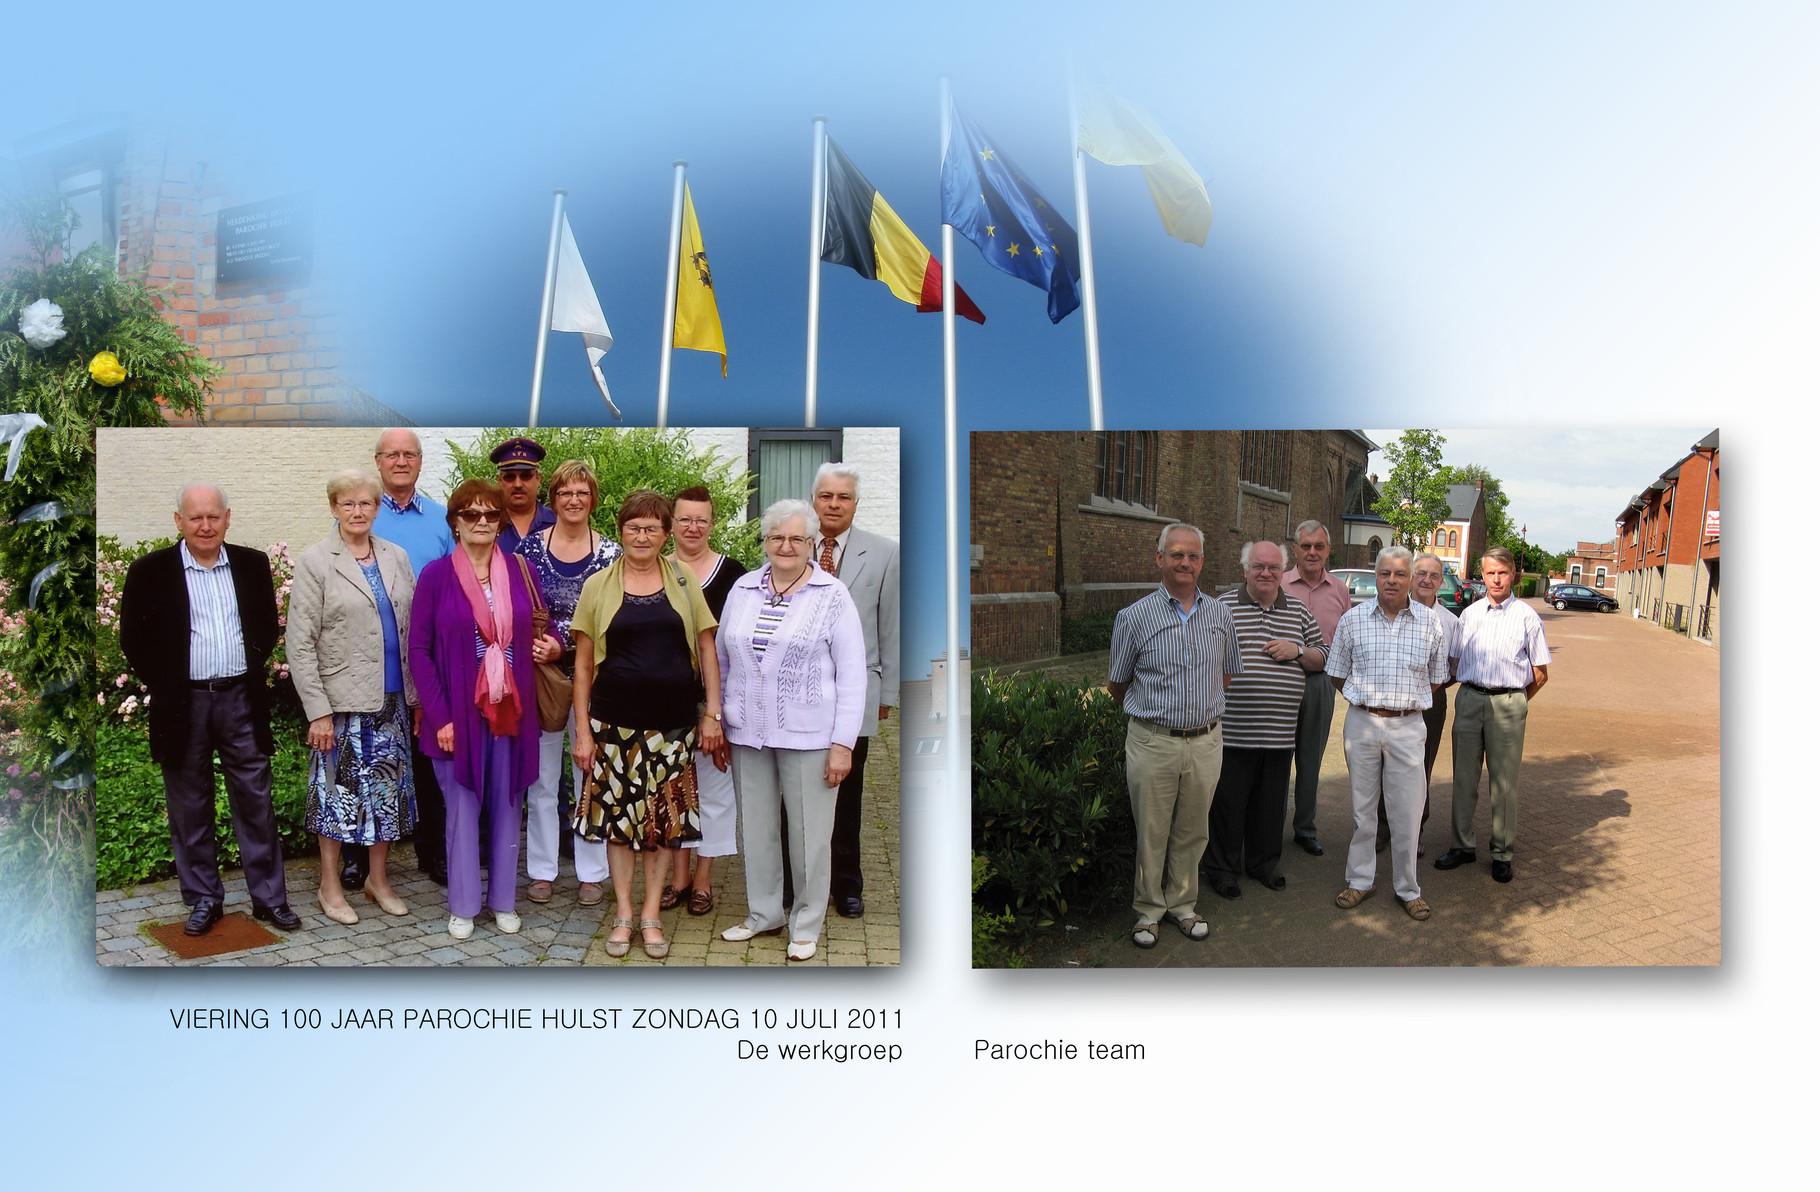 Links de werkgroep. Rechts Het parochieteam